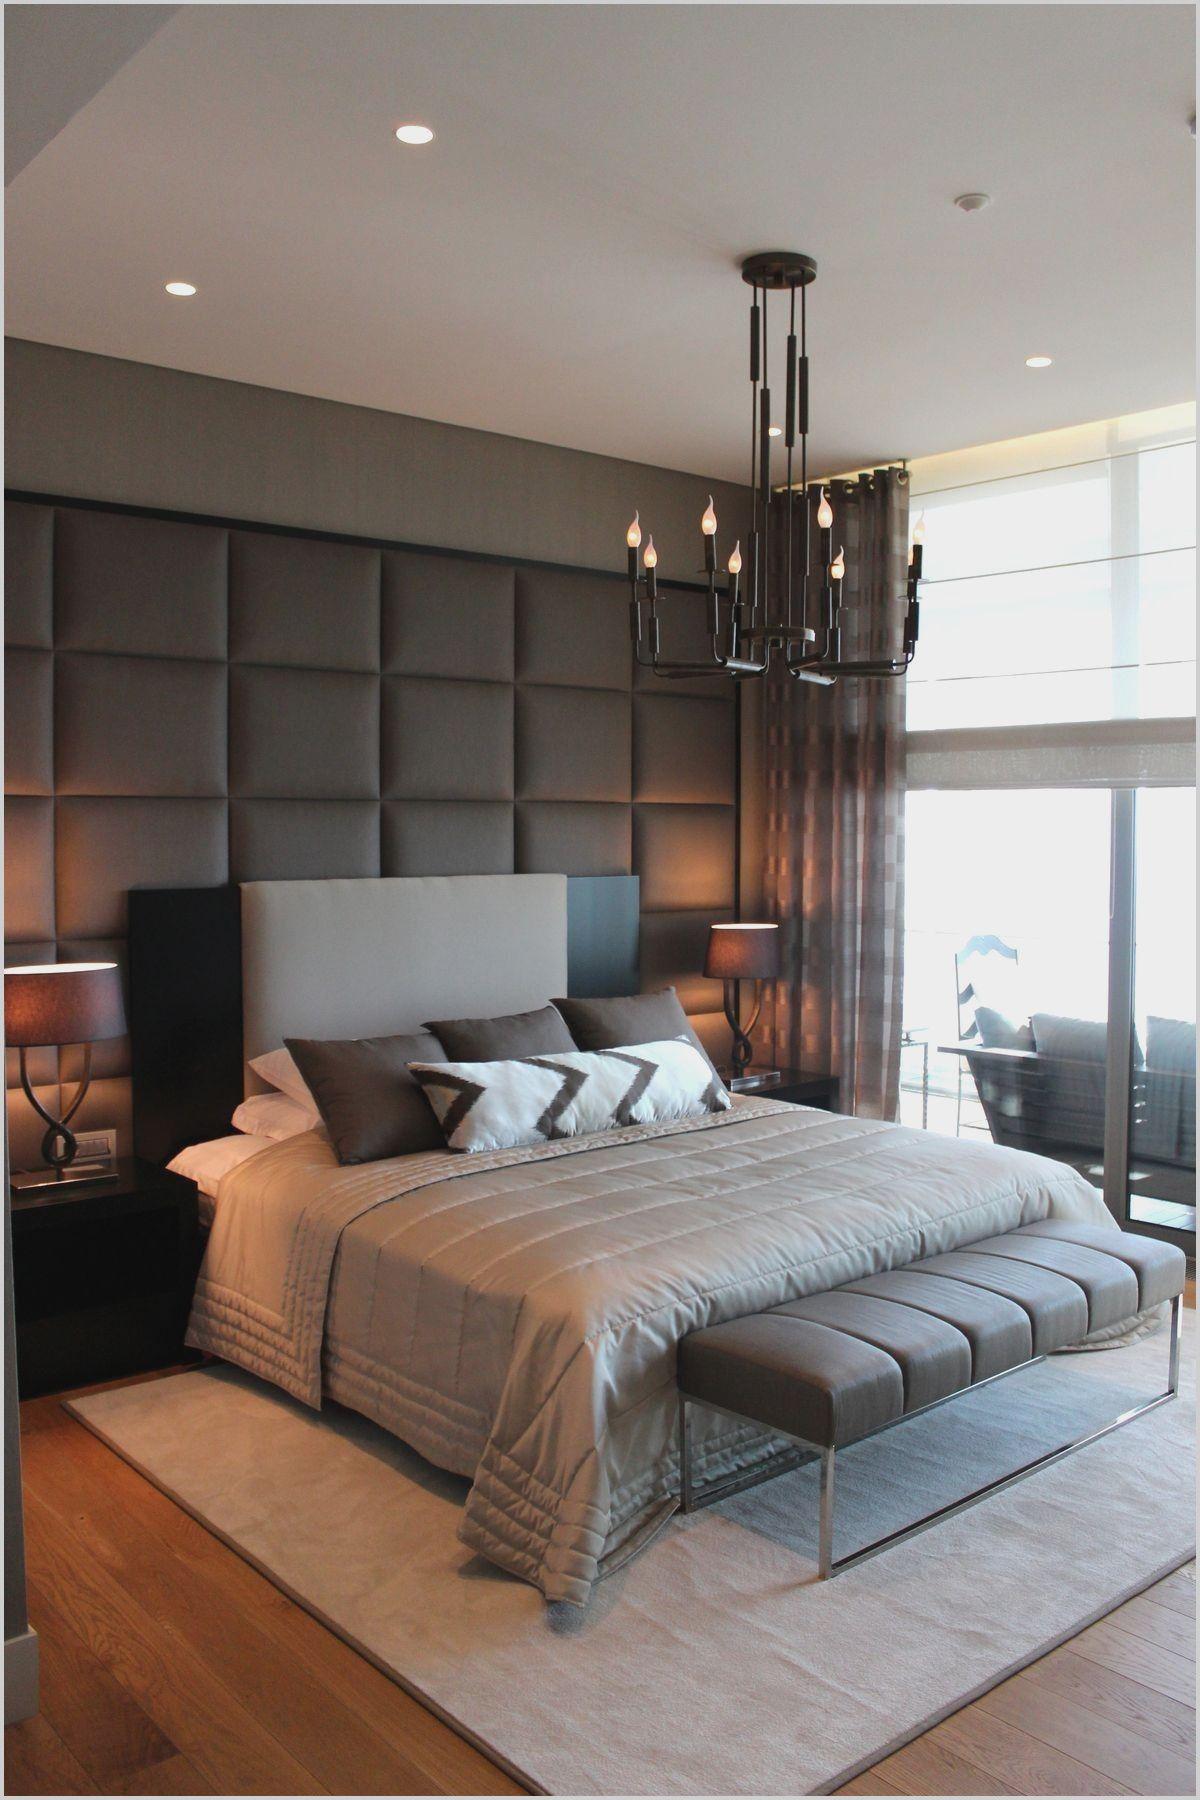 Bedroom Interior Design 2018 Em 2020 Quarto Principal De Luxo Quartos Luxuosos Ideias De Quarto Moderno